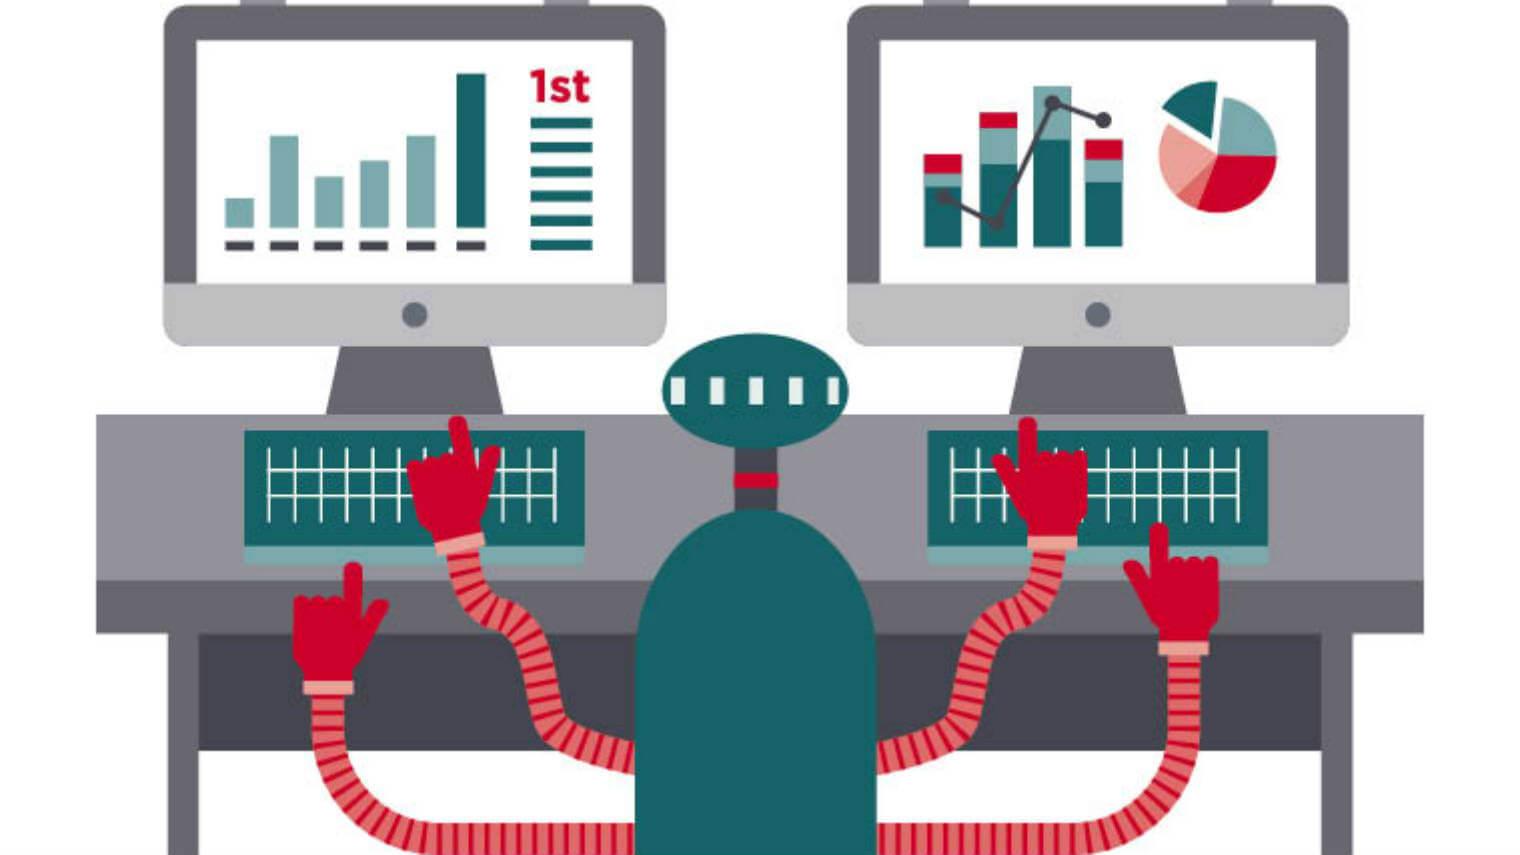 software-robots-cut-costs